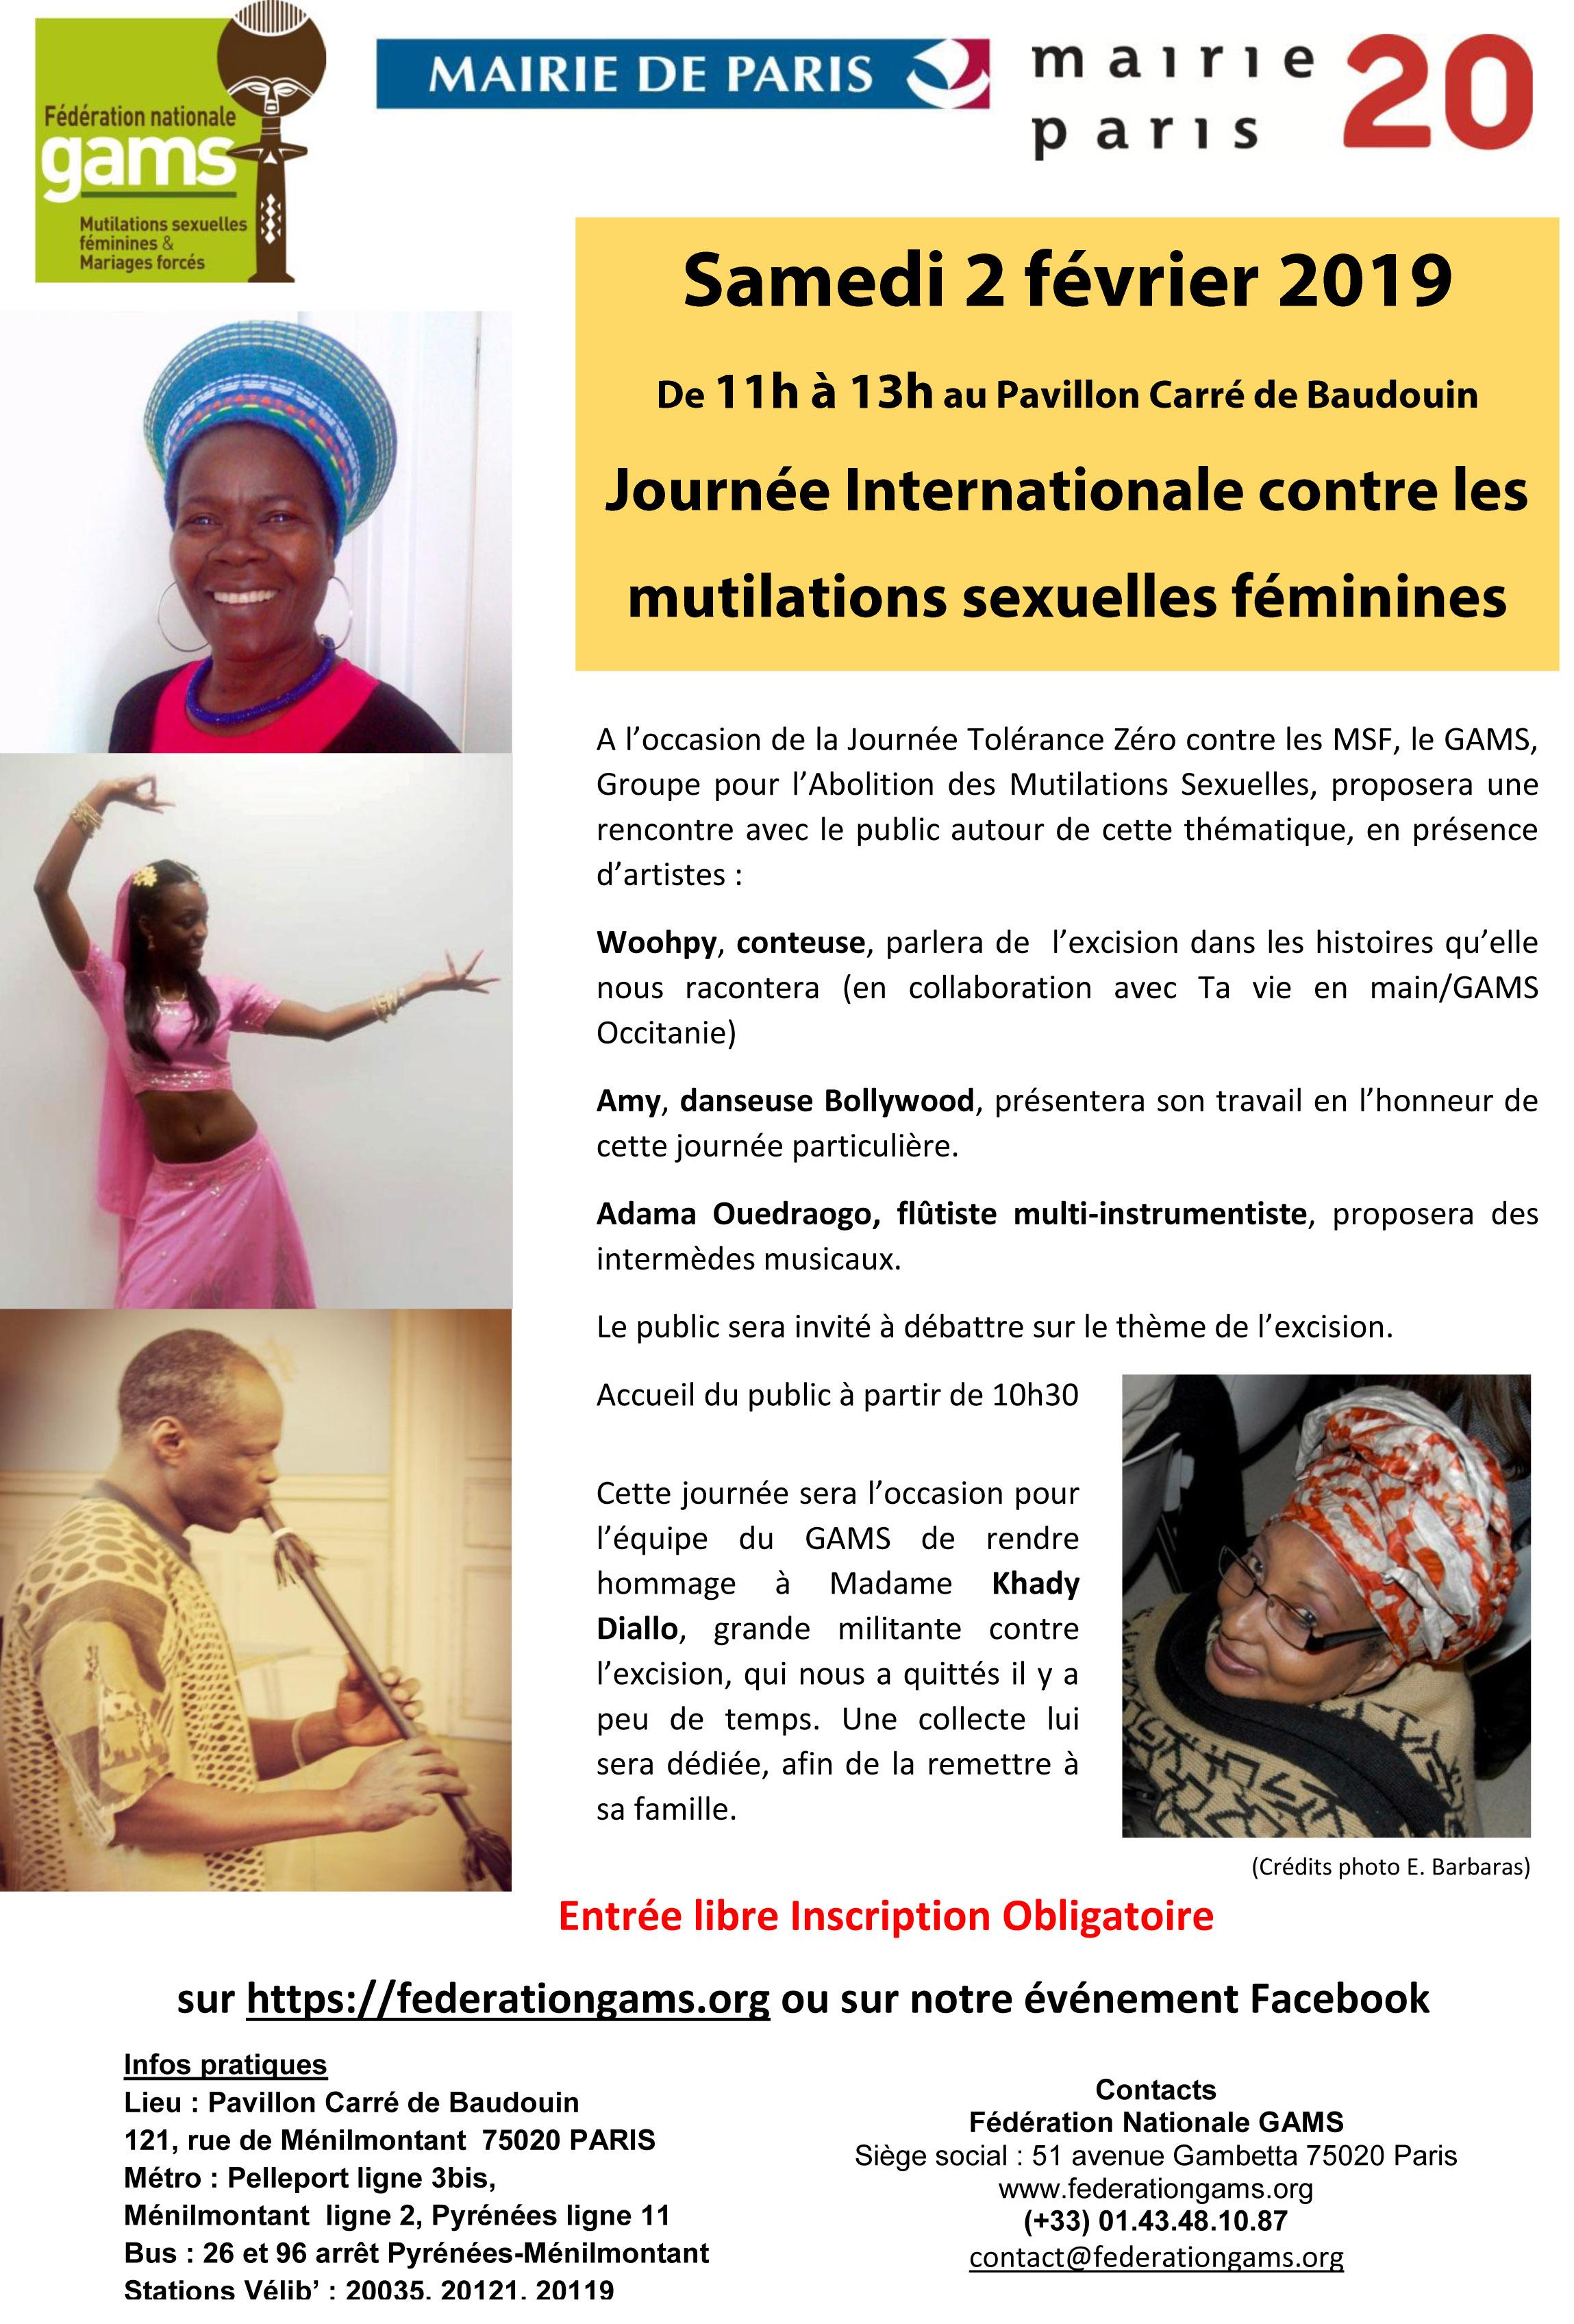 Journée Tolérance Zéro à l'Excision-2/02/2019-Paris-Hommage GAMS à Khady DIALLO